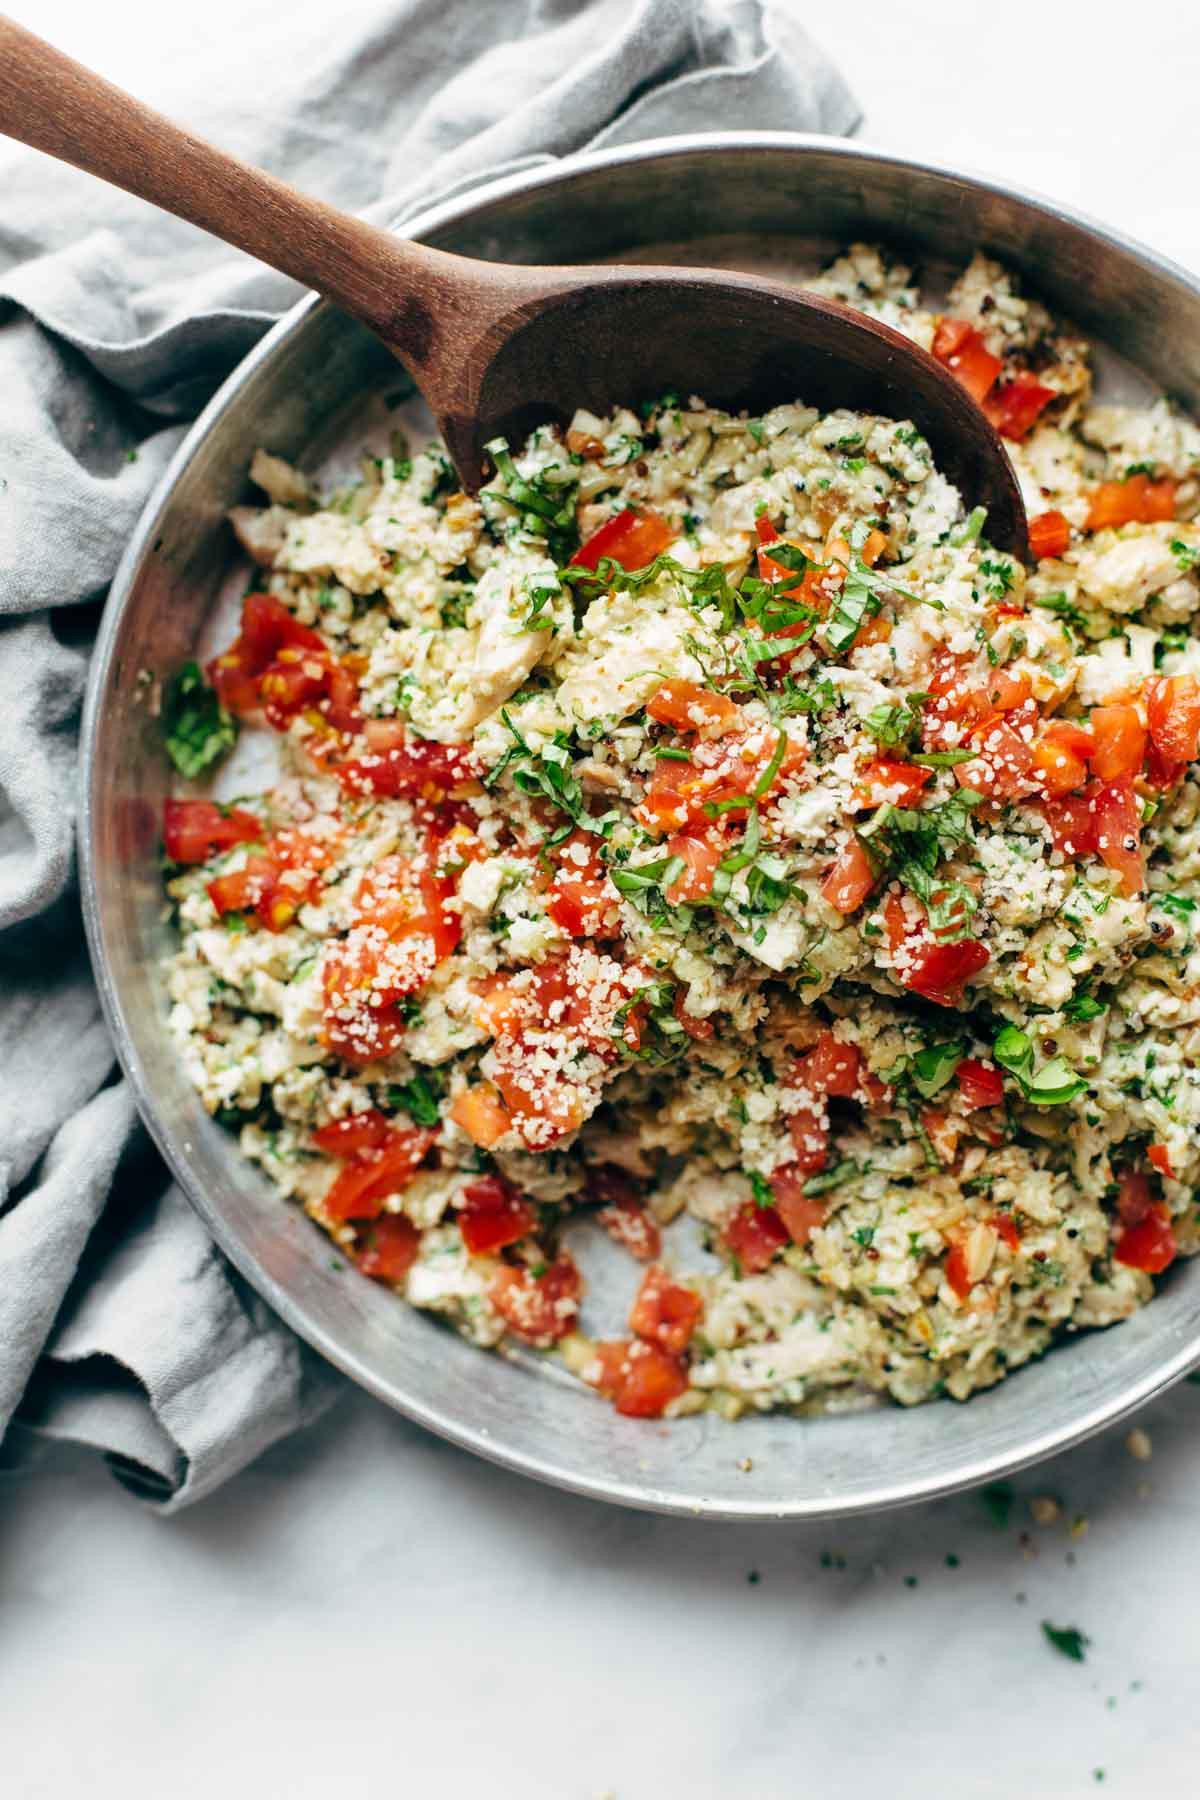 Healthy Chicken Salad Recipe  Healthy Garlic Herb Chicken Salad Recipe Pinch of Yum